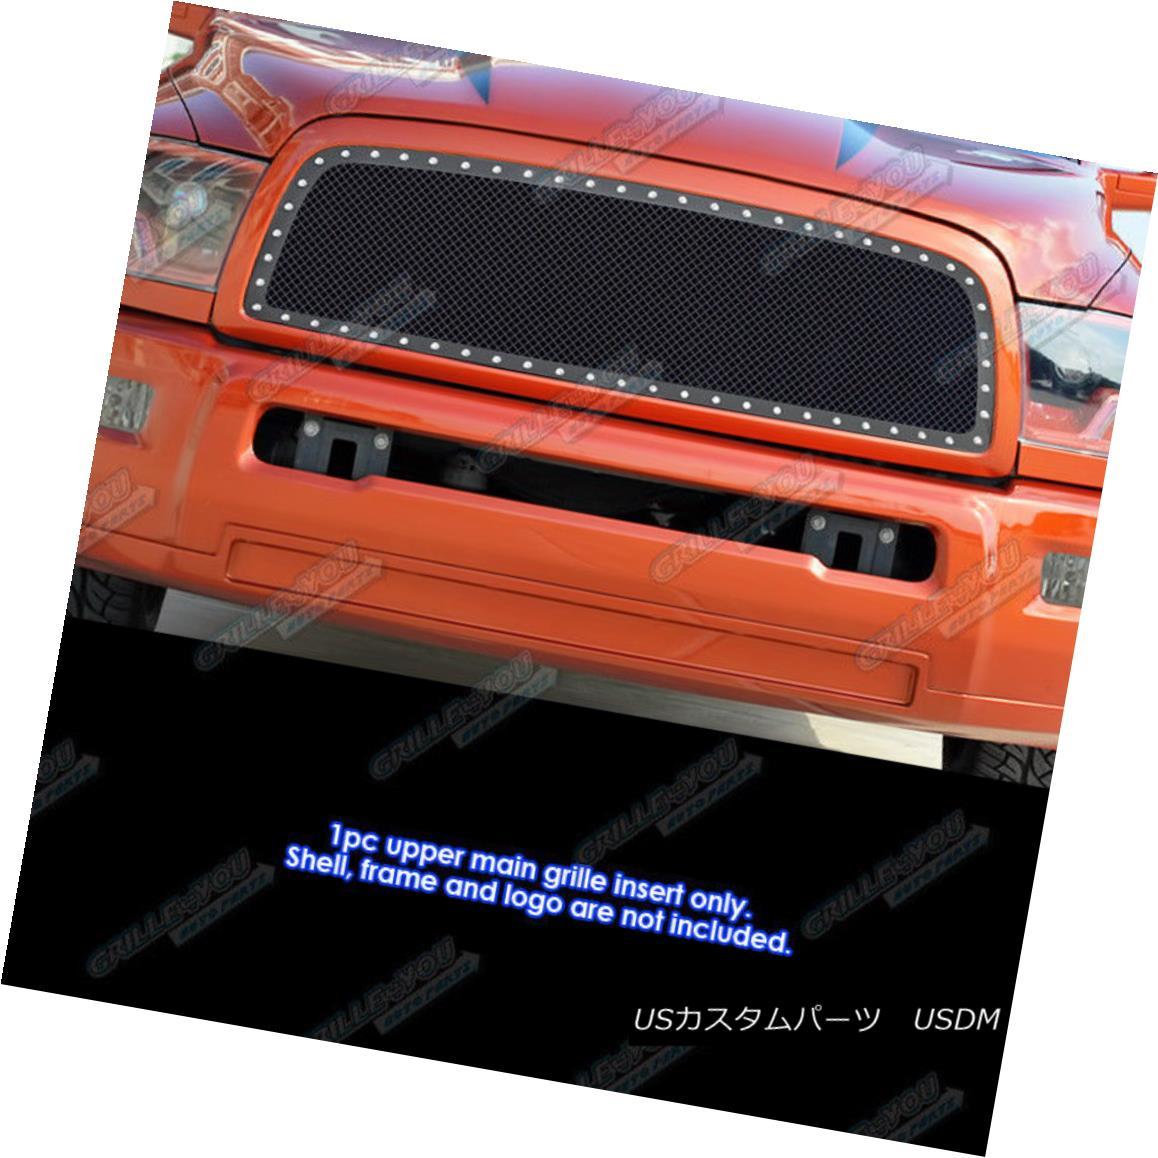 グリル Fits 2010-2012 Dodge Ram 2500/ 3500 Stainless Black Rivet Studs Mesh Grille フィット2010-2012ダッジラム2500/3500ステンレスブラックリベットスタッドメッシュグリル